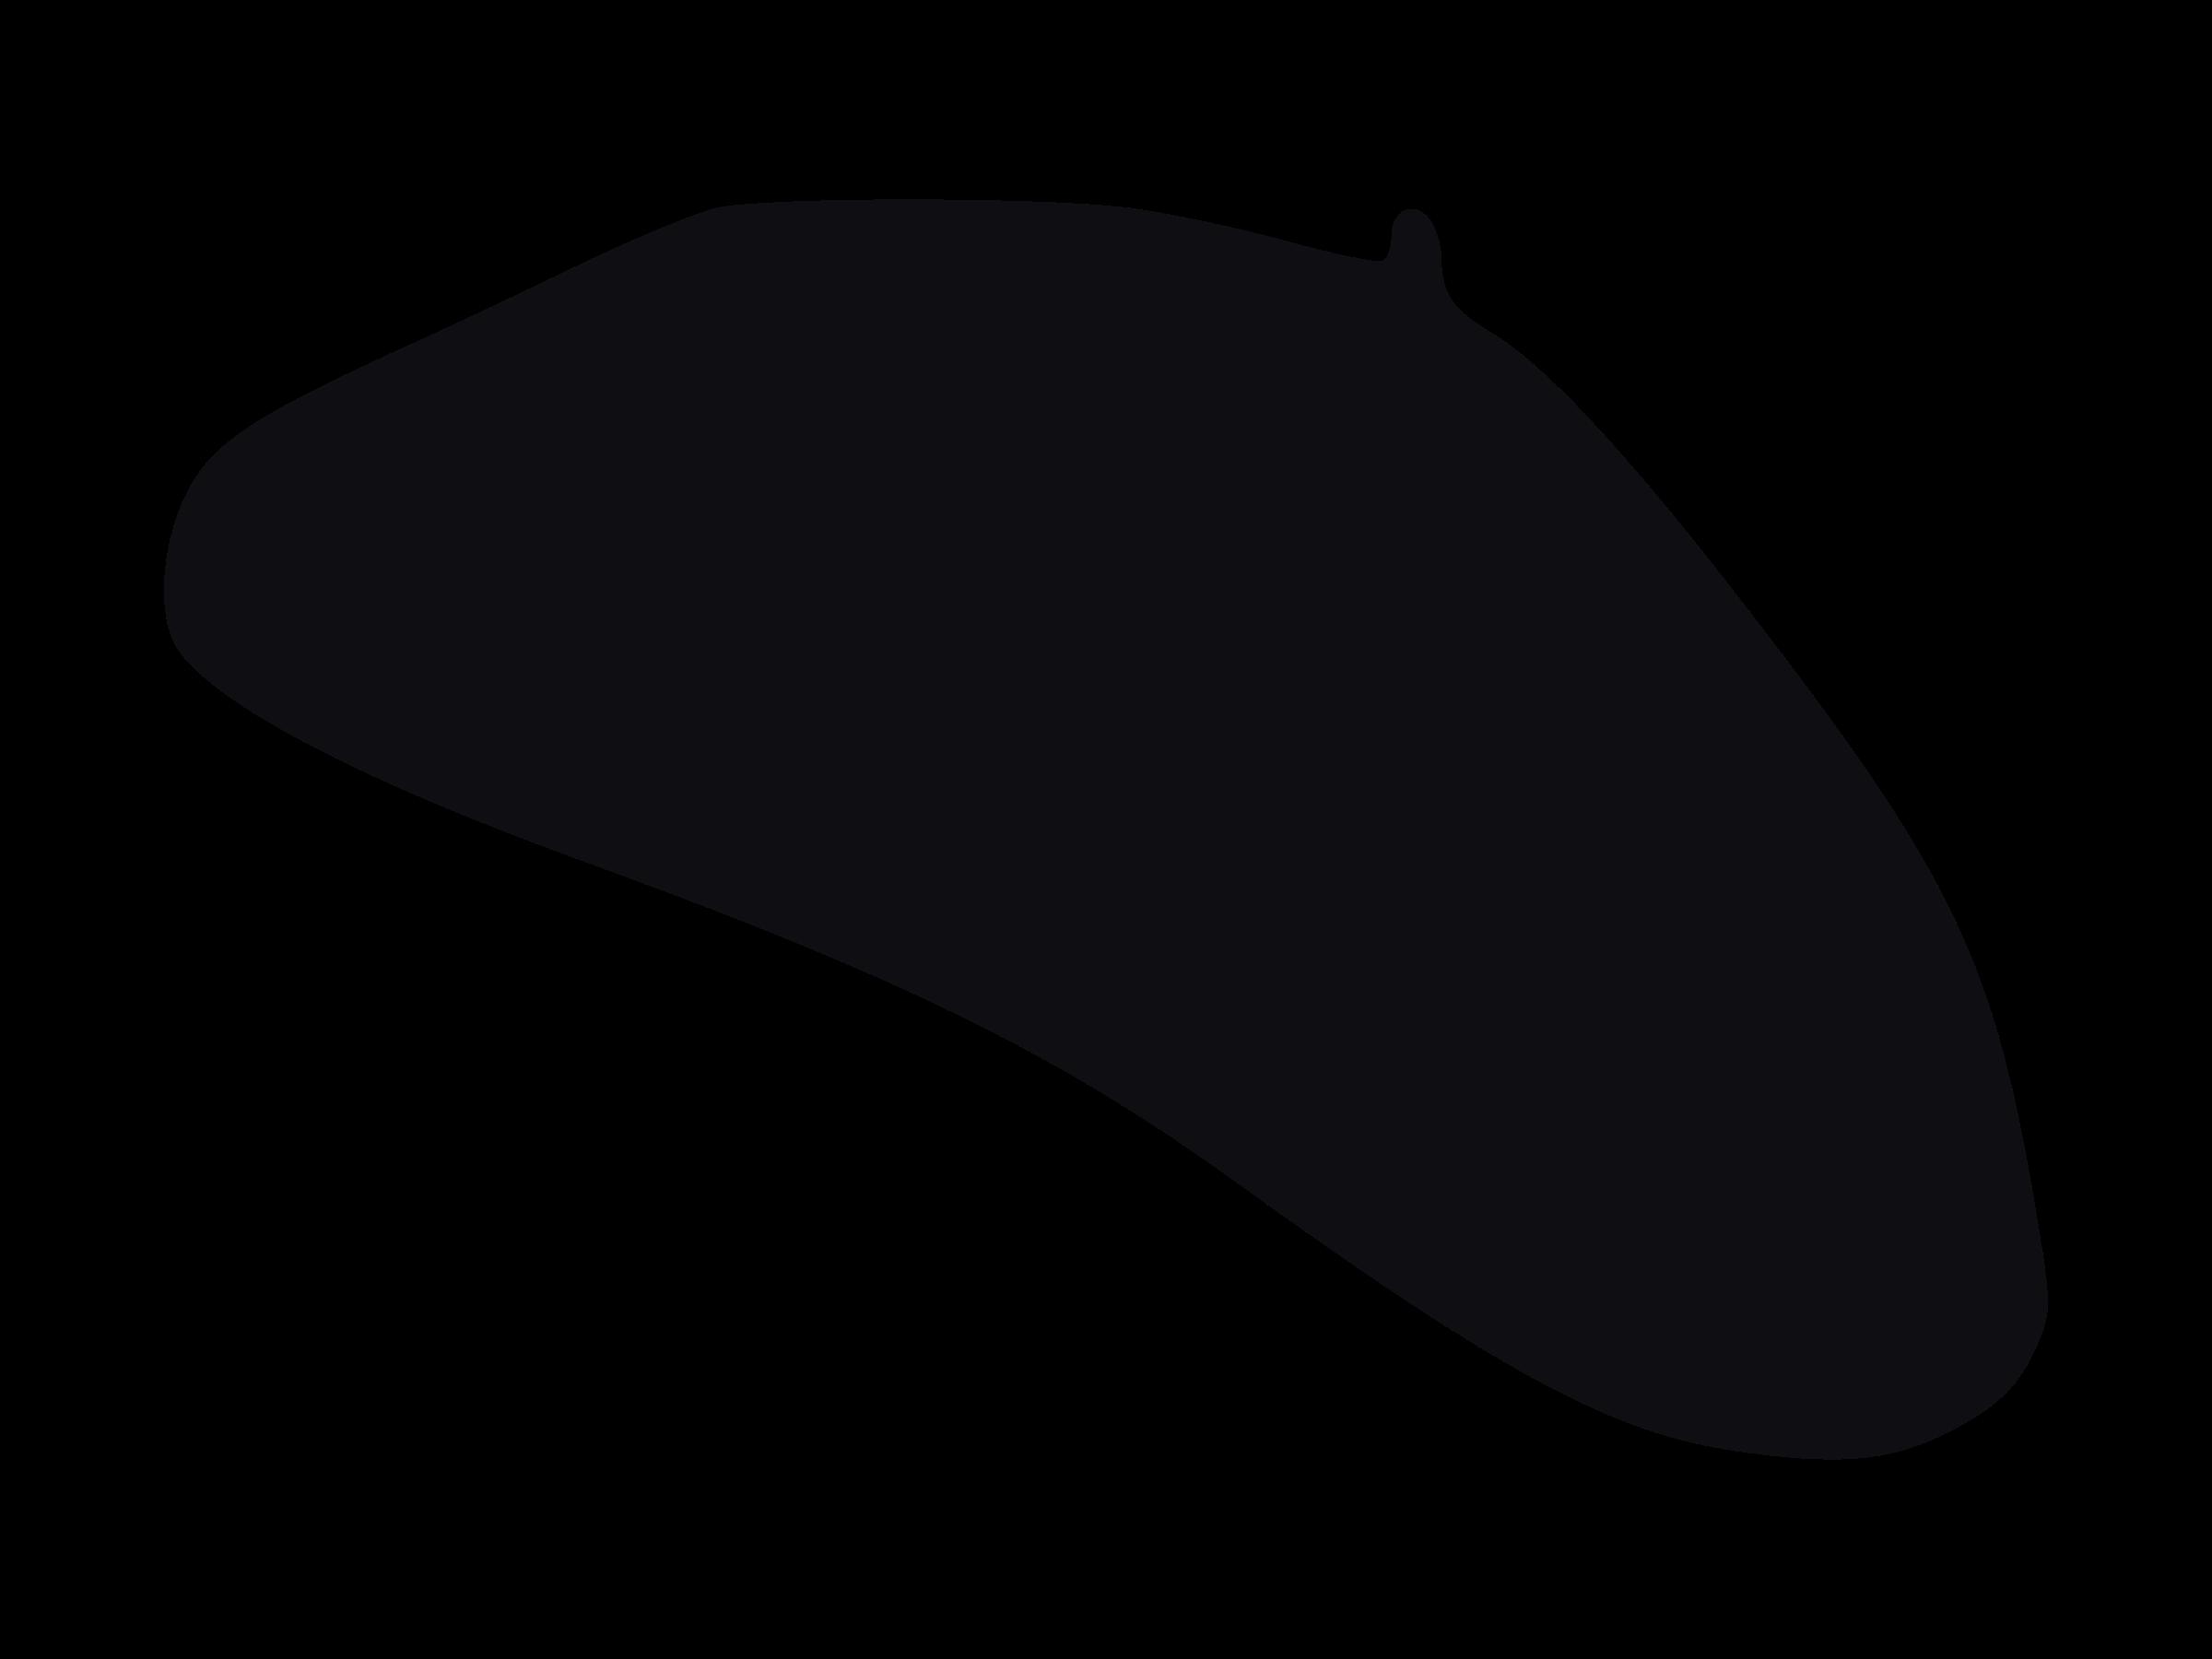 Beret PNG - 135802